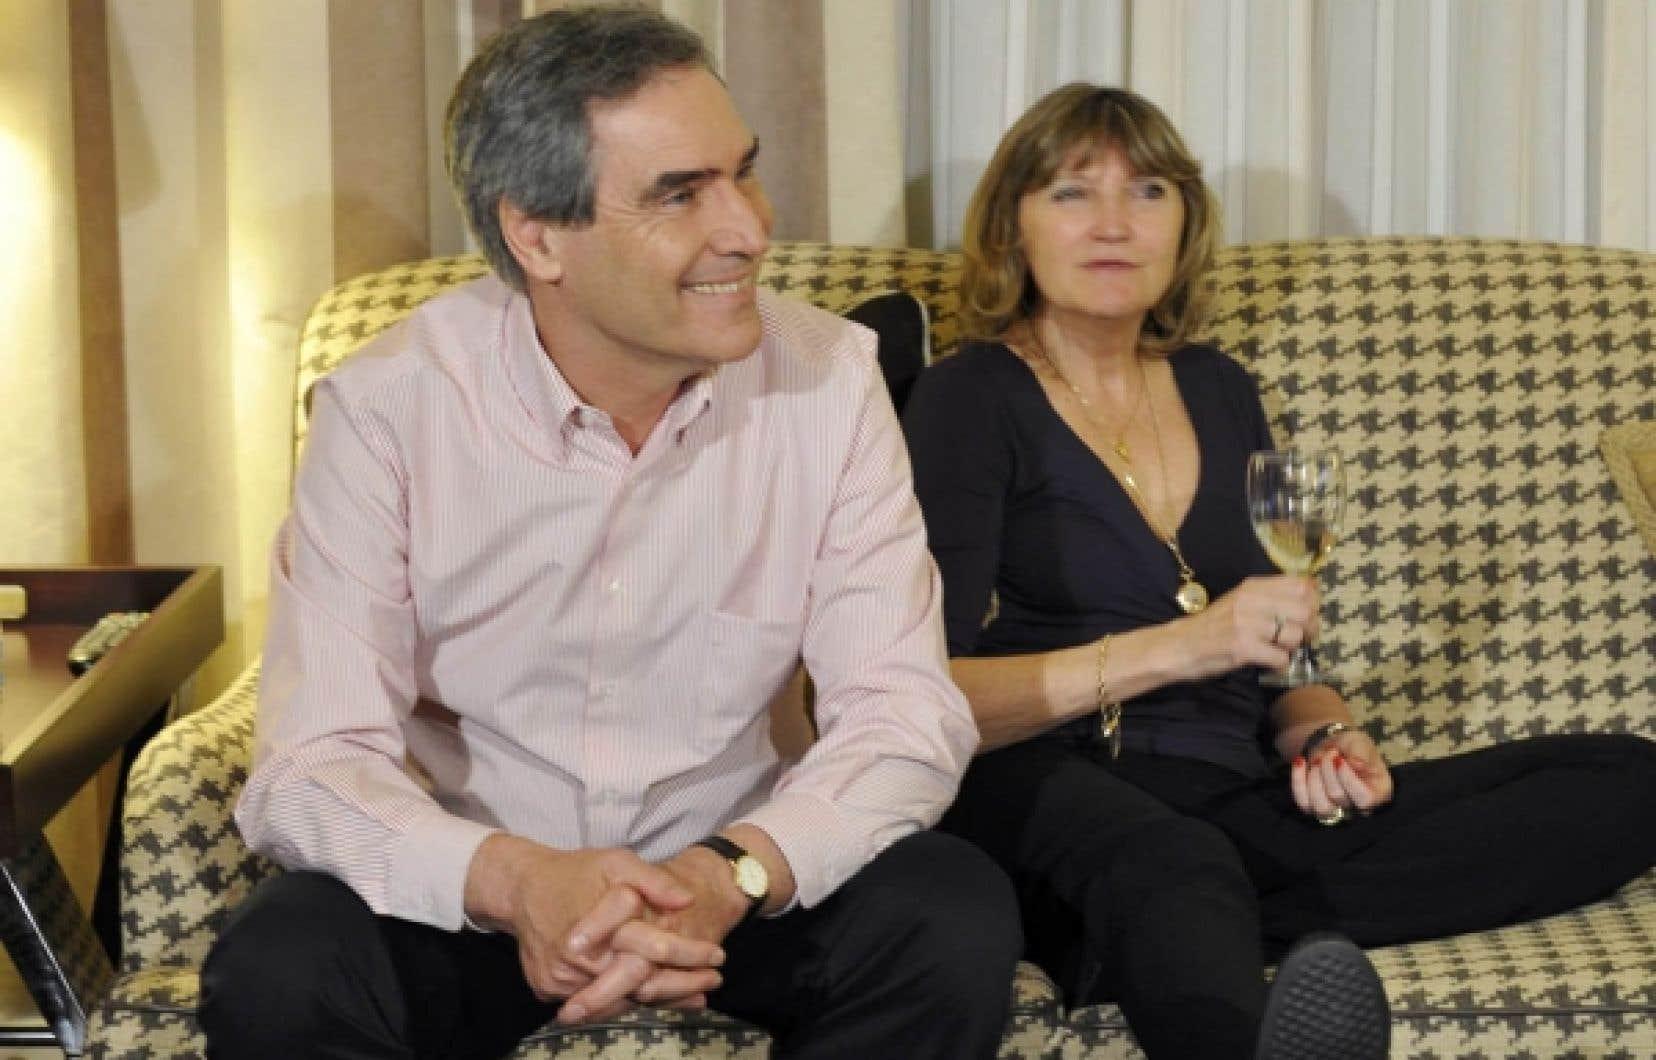 Souriant malgré tout, Michael Ignatieff a suivi le déroulement de la soirée électorale en compagnie de sa femme, Zsuzsanna Zsohar.<br />